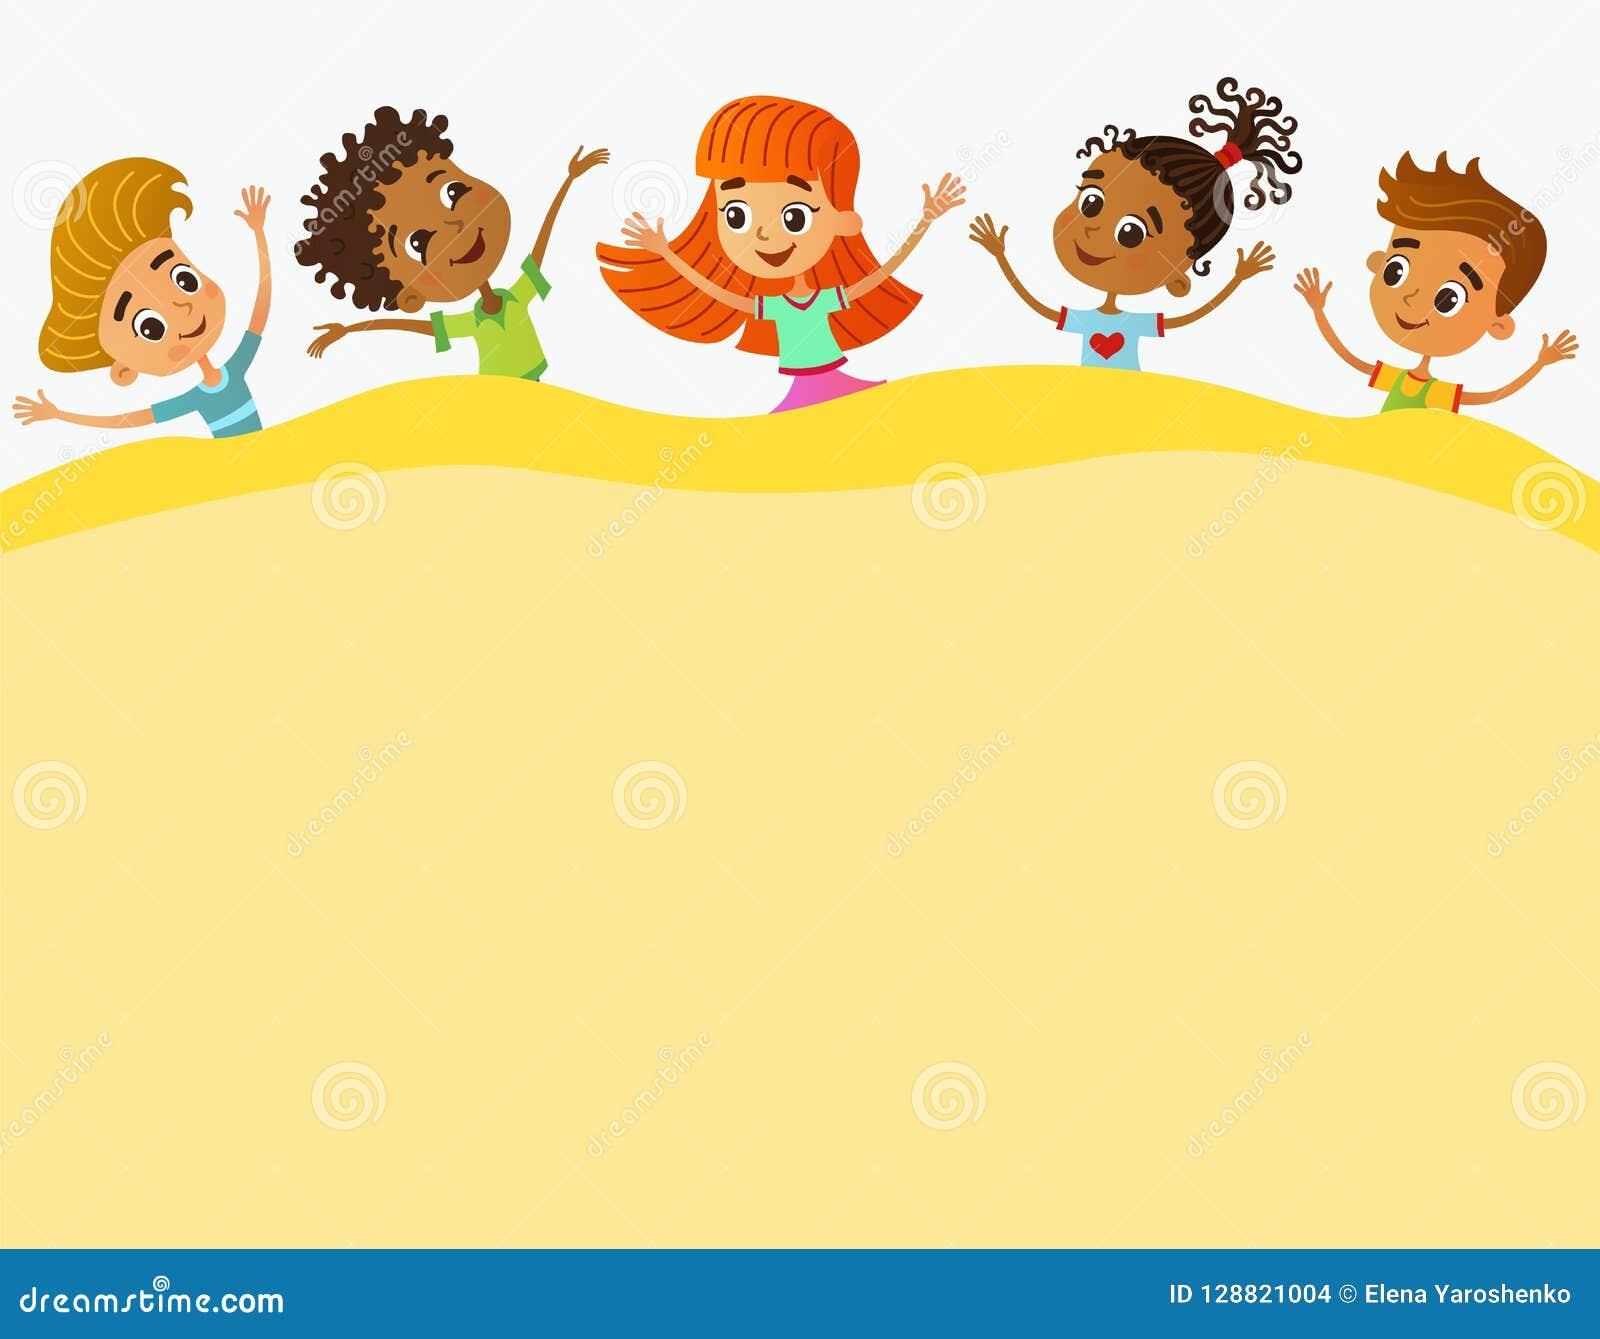 Τα ευτυχή και αστεία παιδιά στέκονται γύρω από ένα μεγάλο έμβλημα, αφίσα, po